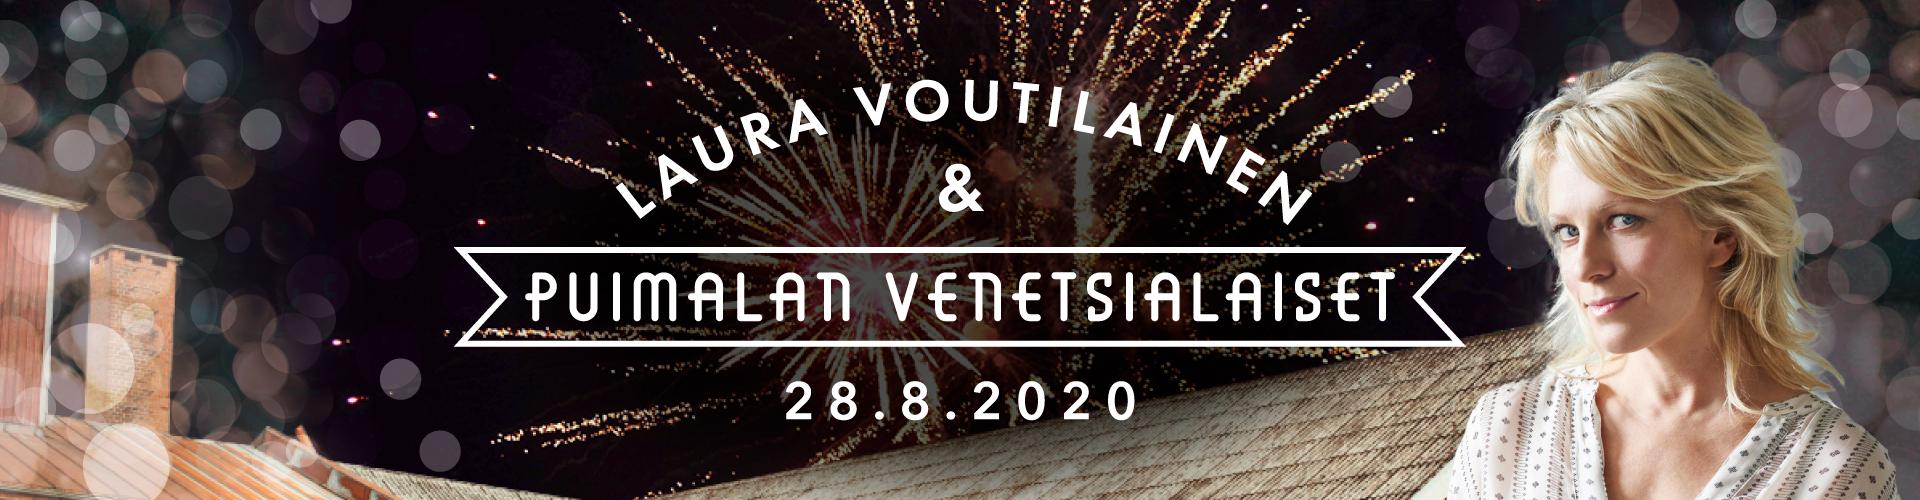 Laura Voutilainen & Puimalan Venetsialaiset 28.8